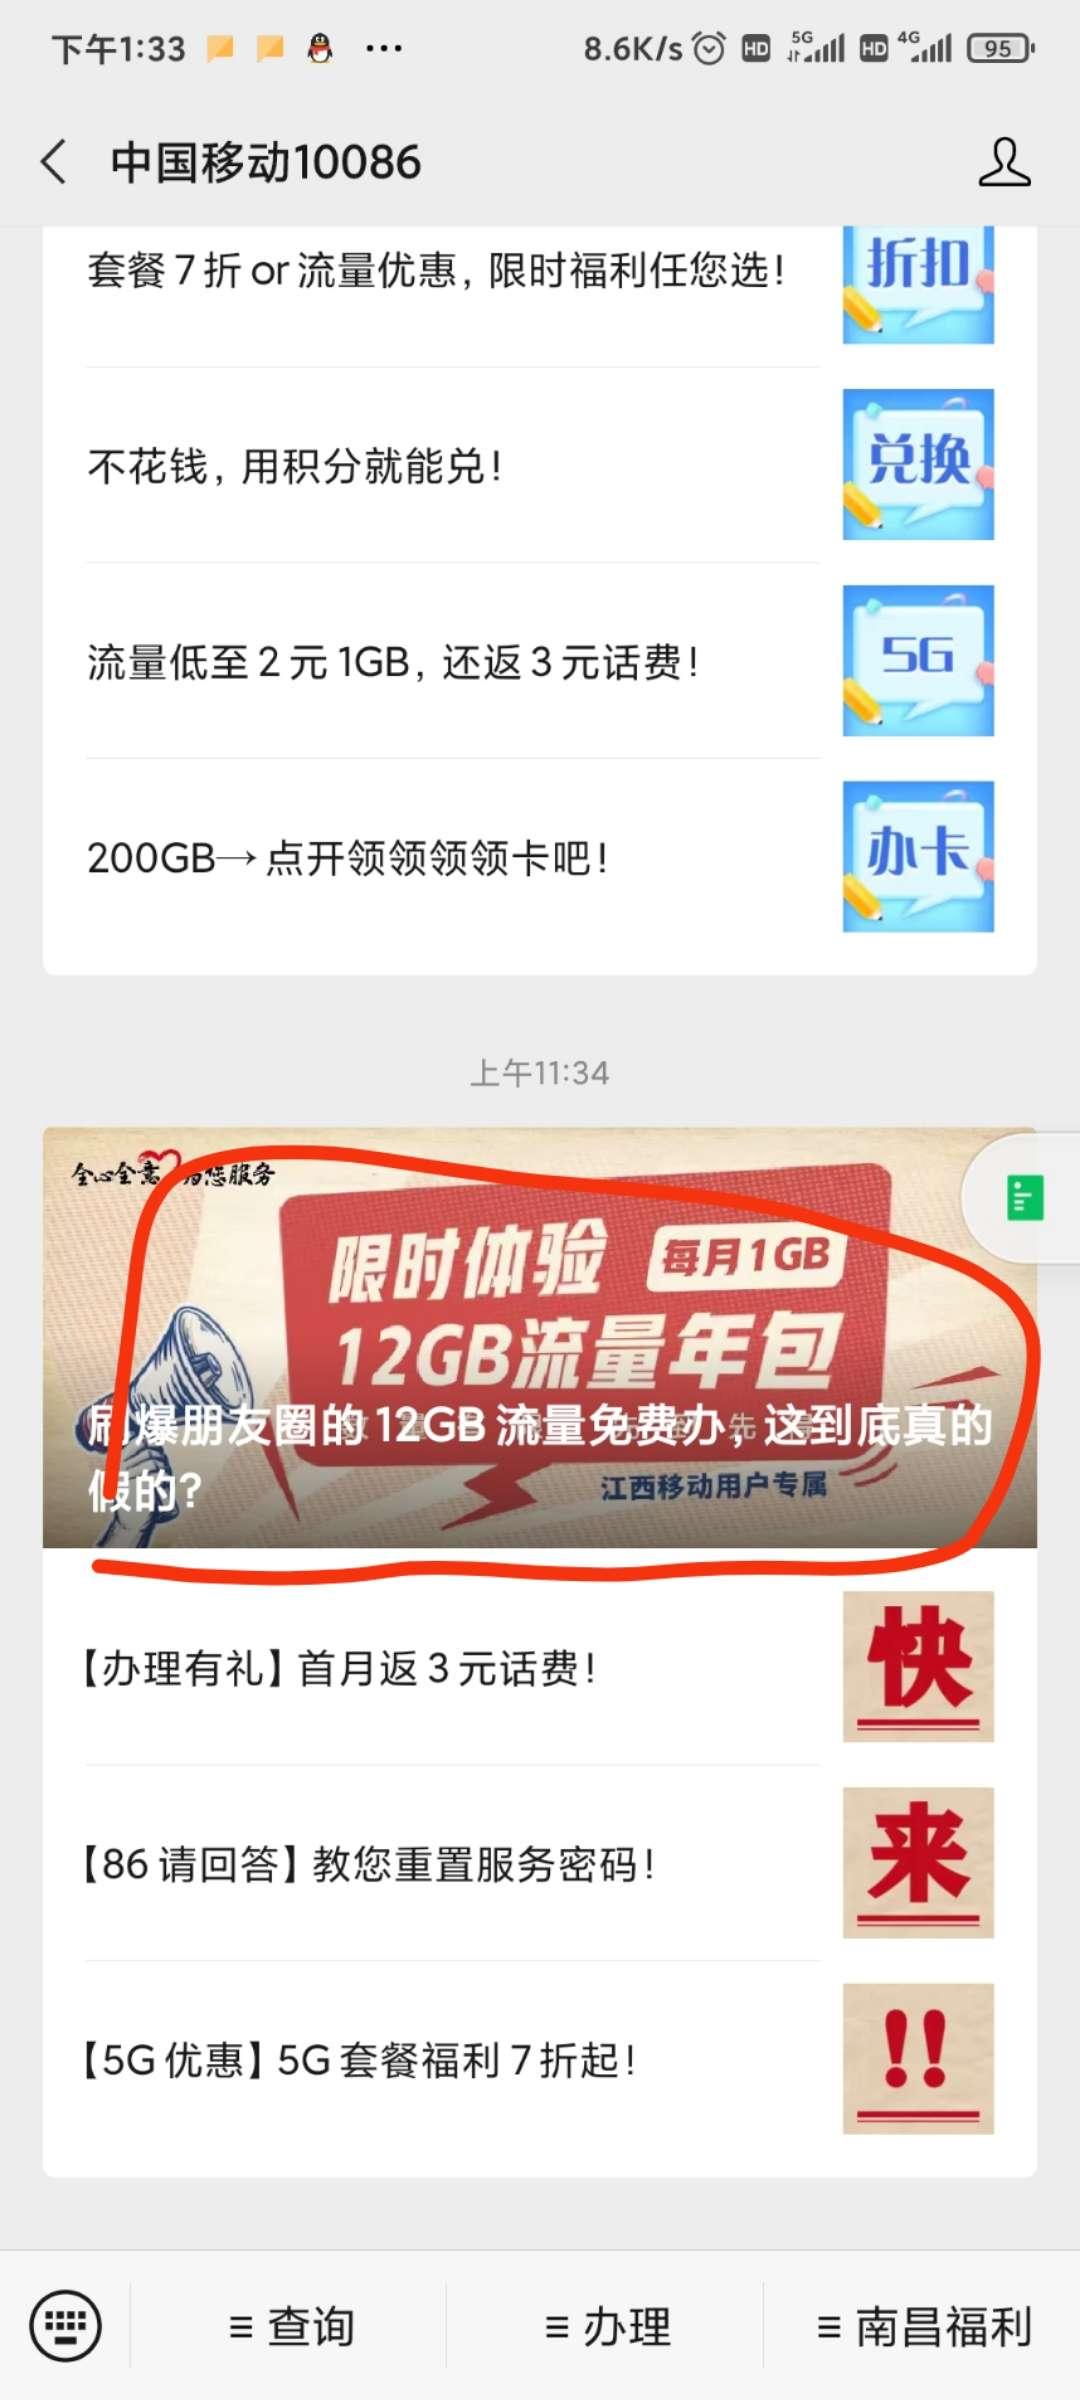 中国移动得12G流量